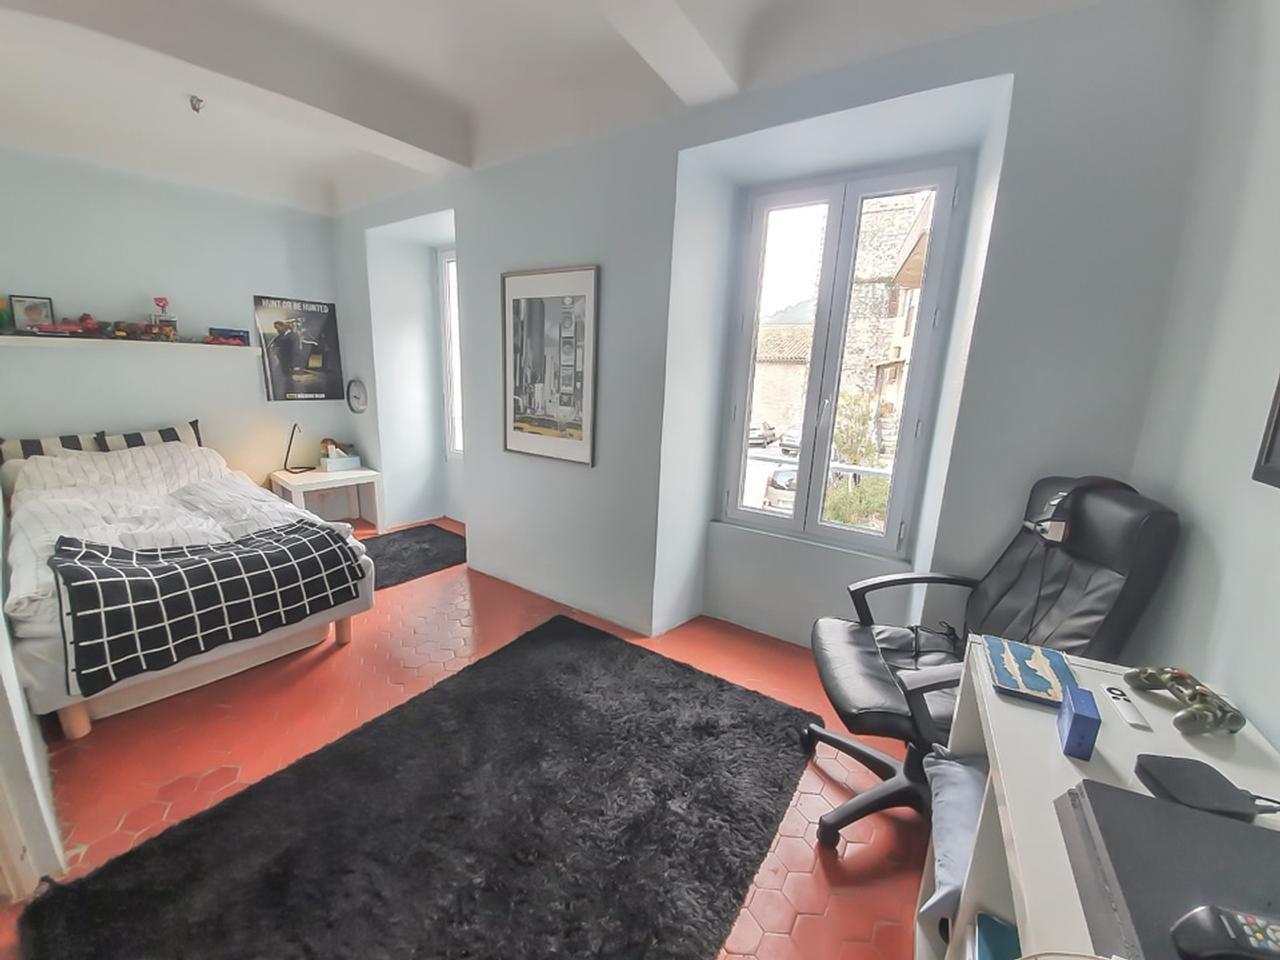 Maison  4 Rooms 85m2  for sale   320000 €